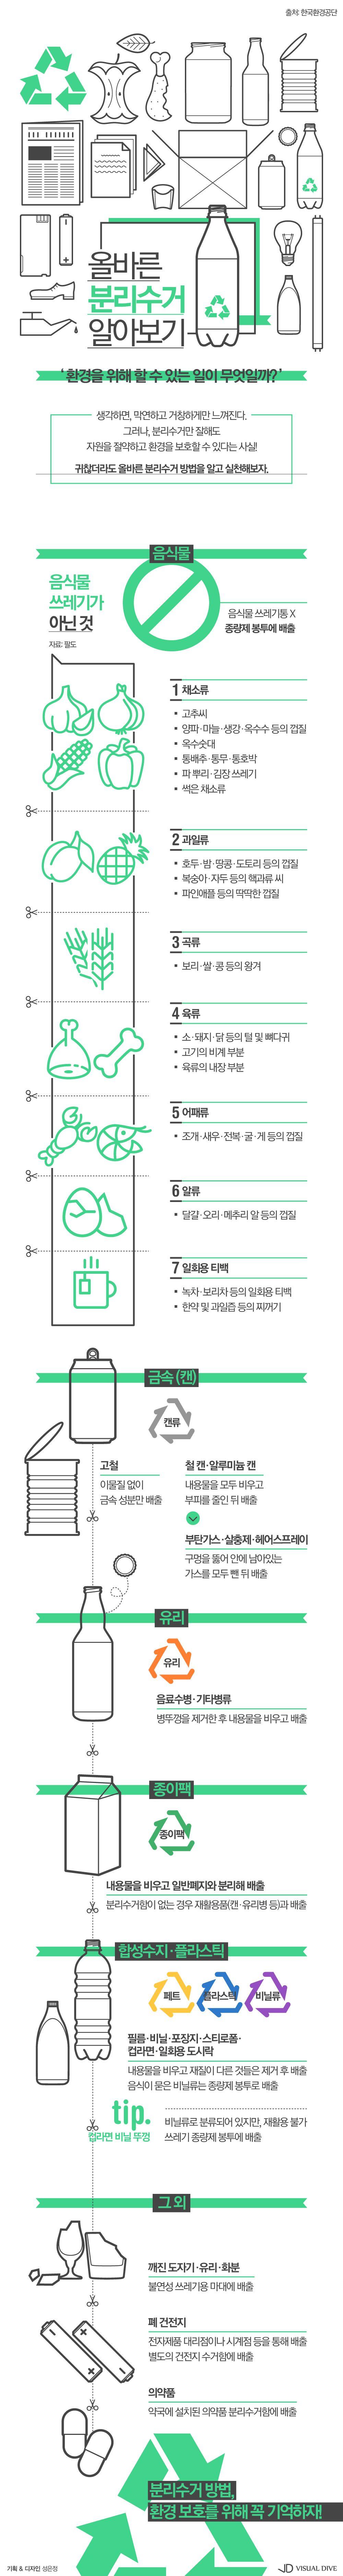 '일반쓰레기 VS 음식물쓰레기' 분리수거 고민 끝내기 [인포그래픽] #recycling / #Infographic ⓒ 비주얼다이브 무단 복사·전재·재배포 금지